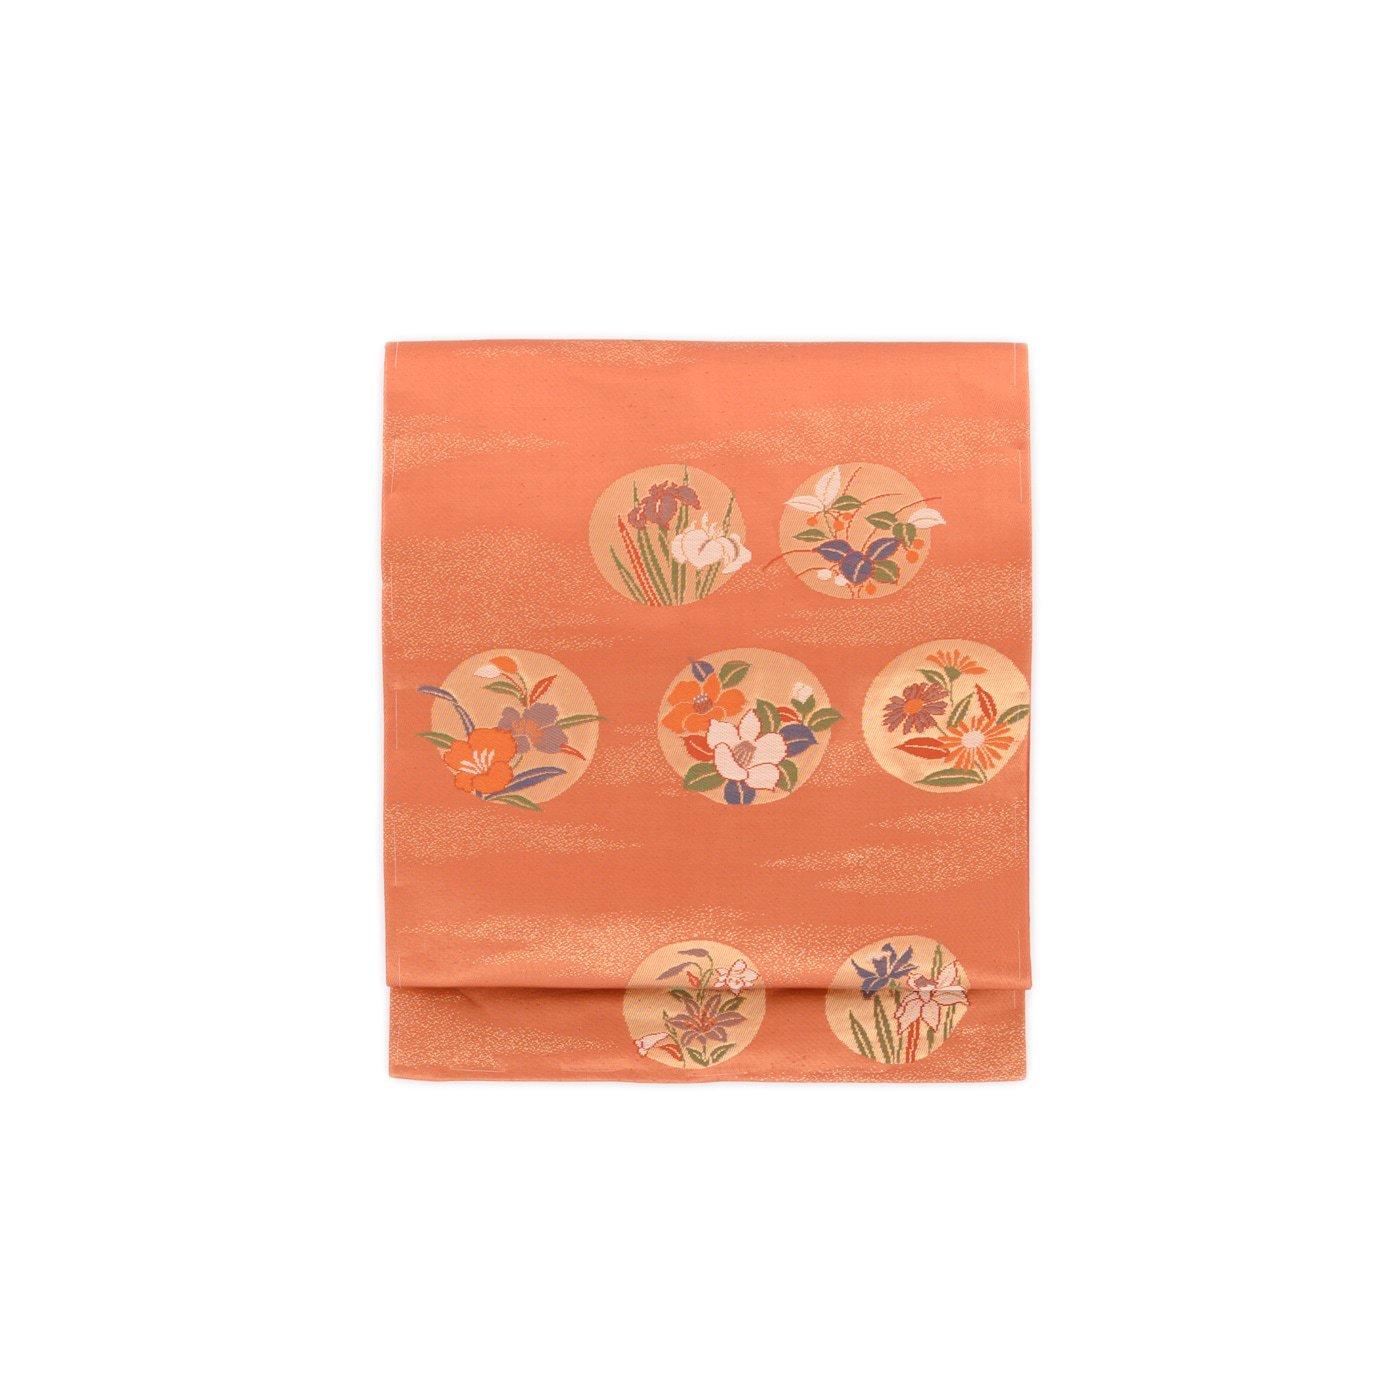 「金柿茶地 丸に花」の商品画像